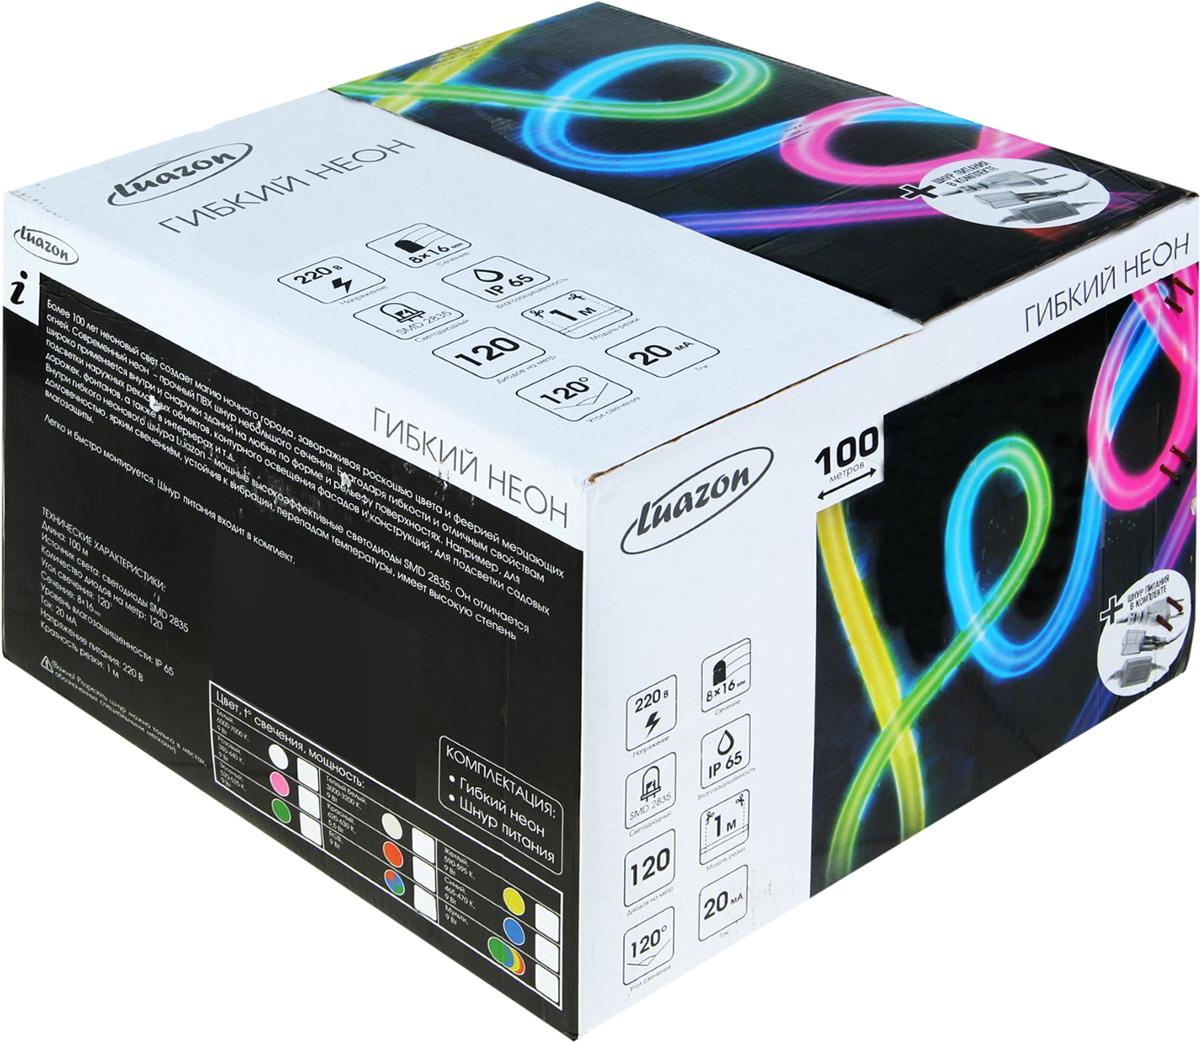 Гирлянда светодиодная  Luazon , 120 ламп, 220 V, цвет: розовый, 0,8 см х 1,6 см х 100 м. 1431273 -  Гирлянды и светильники